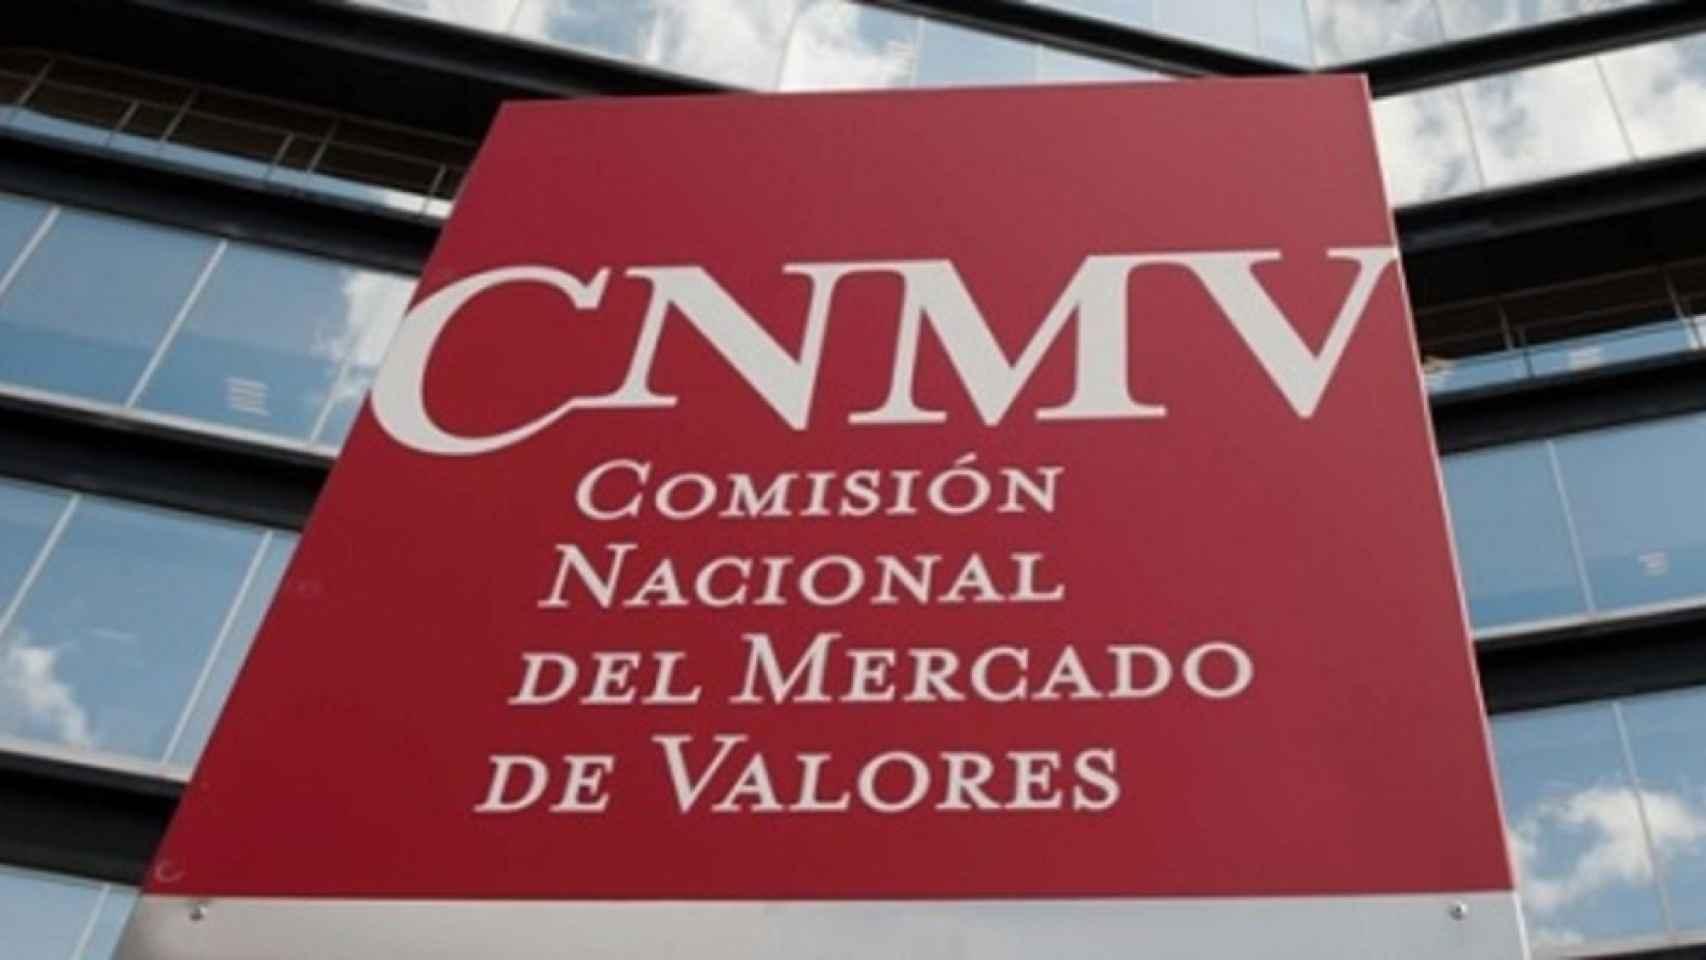 Rótulo de la CNMV a la entrada de su sede en Madrid.